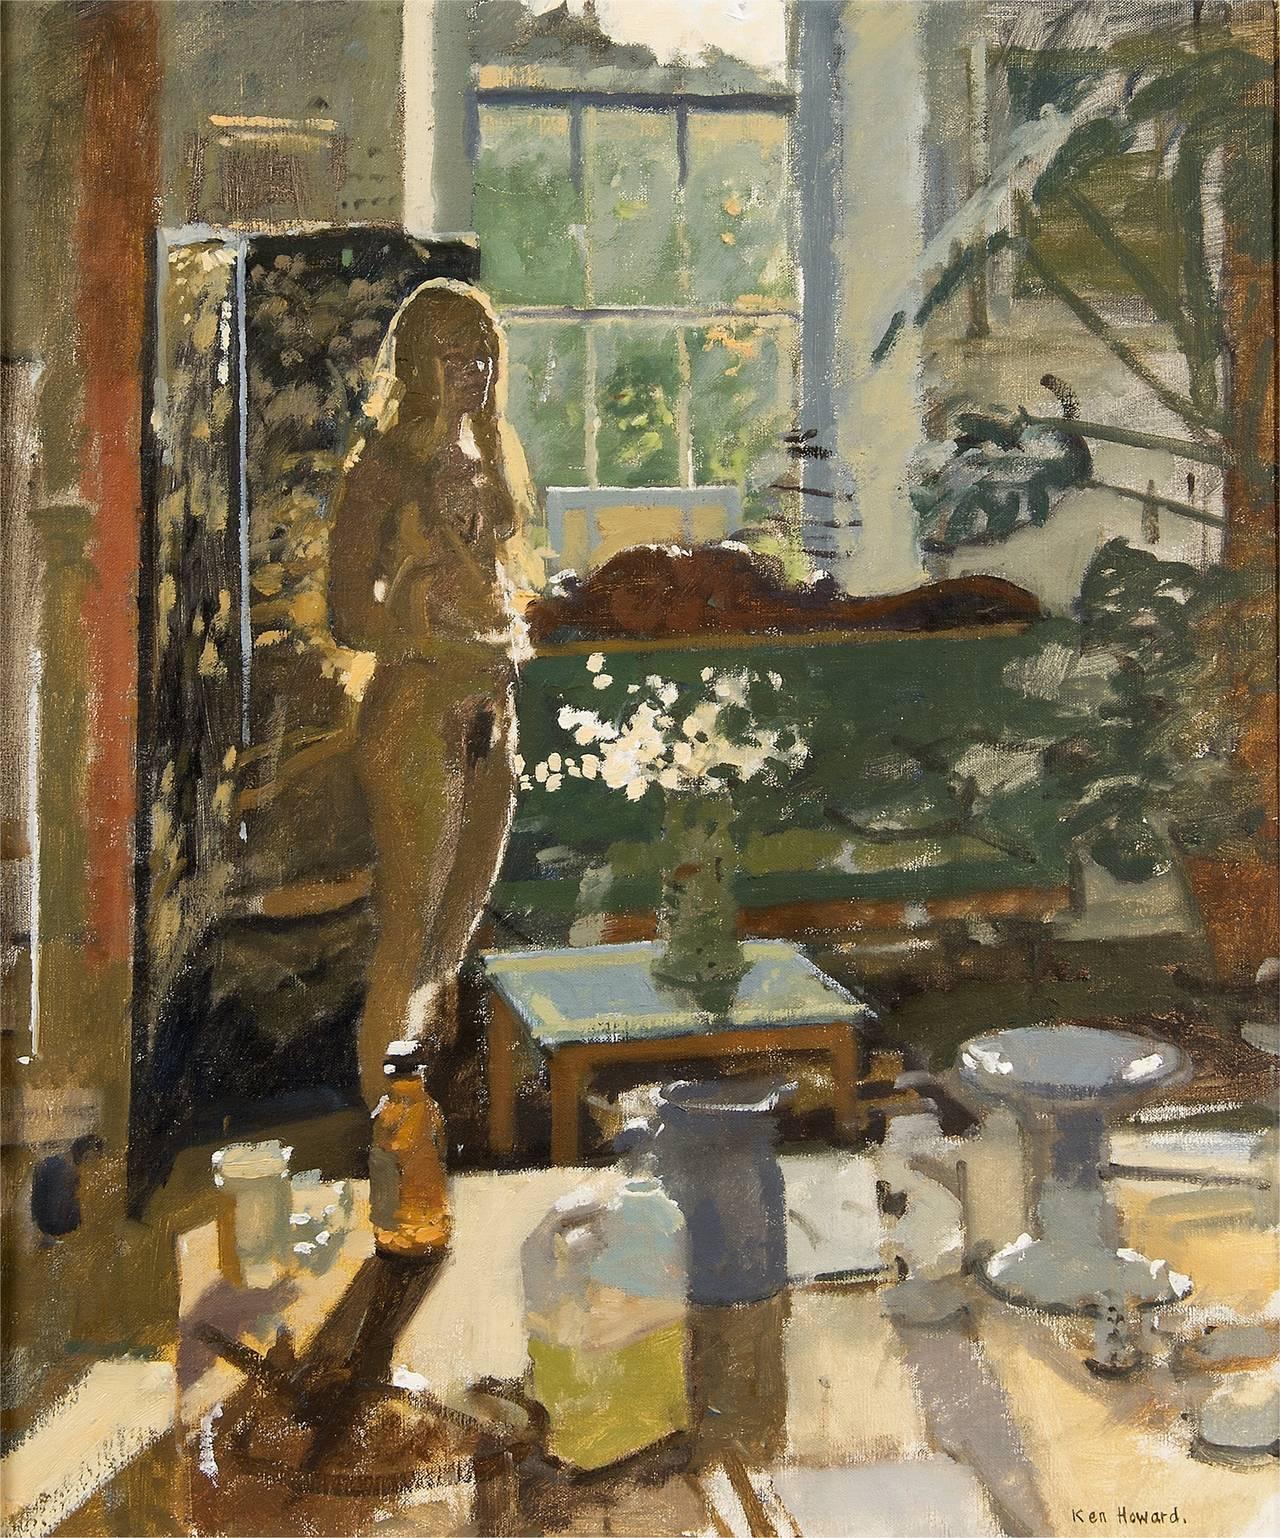 Ken Howard Summer Interior Painting At 1stdibs